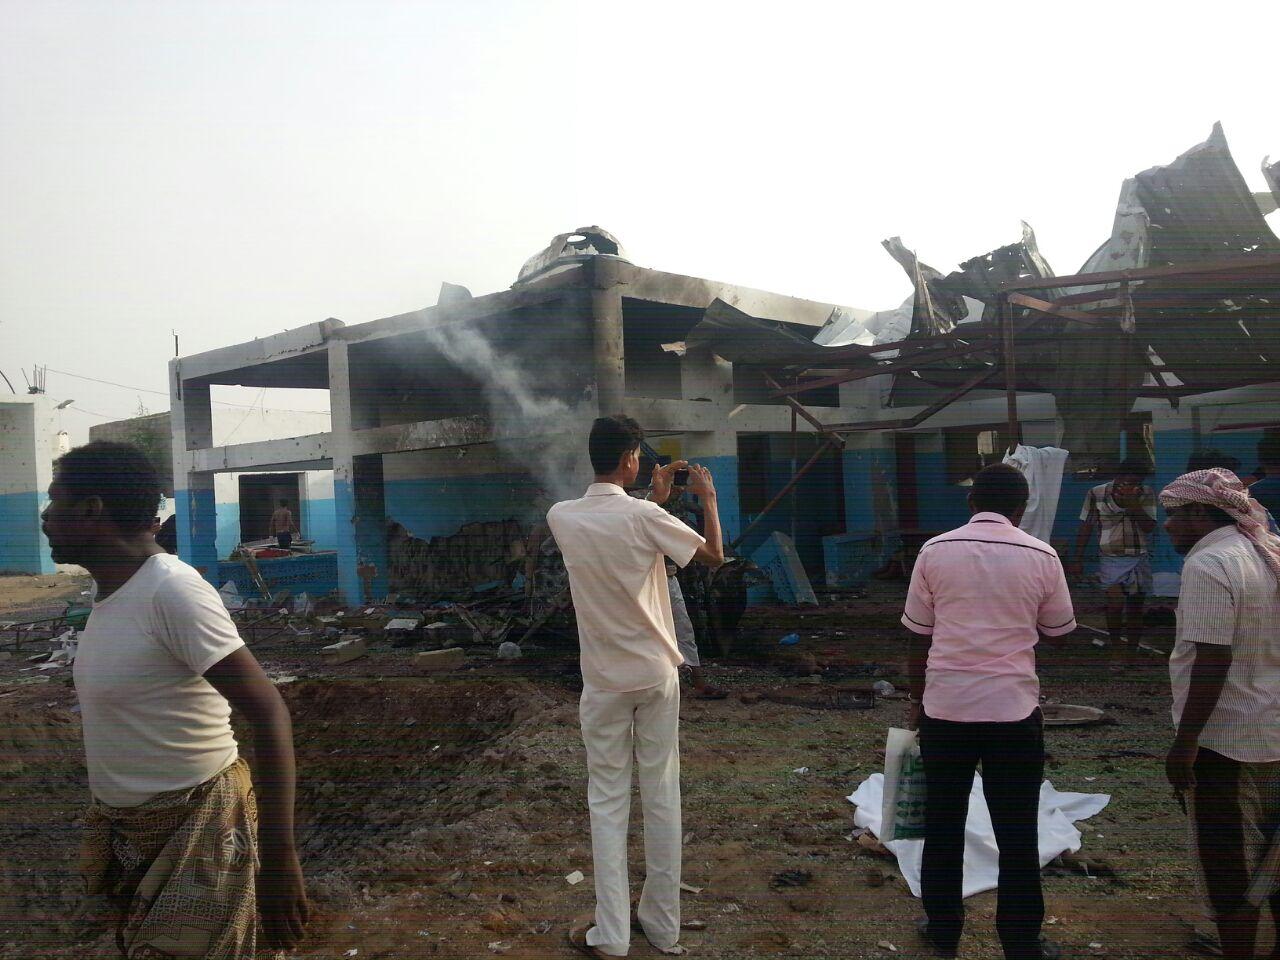 Yemen  ospedale colpito da attacco aereo: 11 persone uccise e almeno 19 feriti